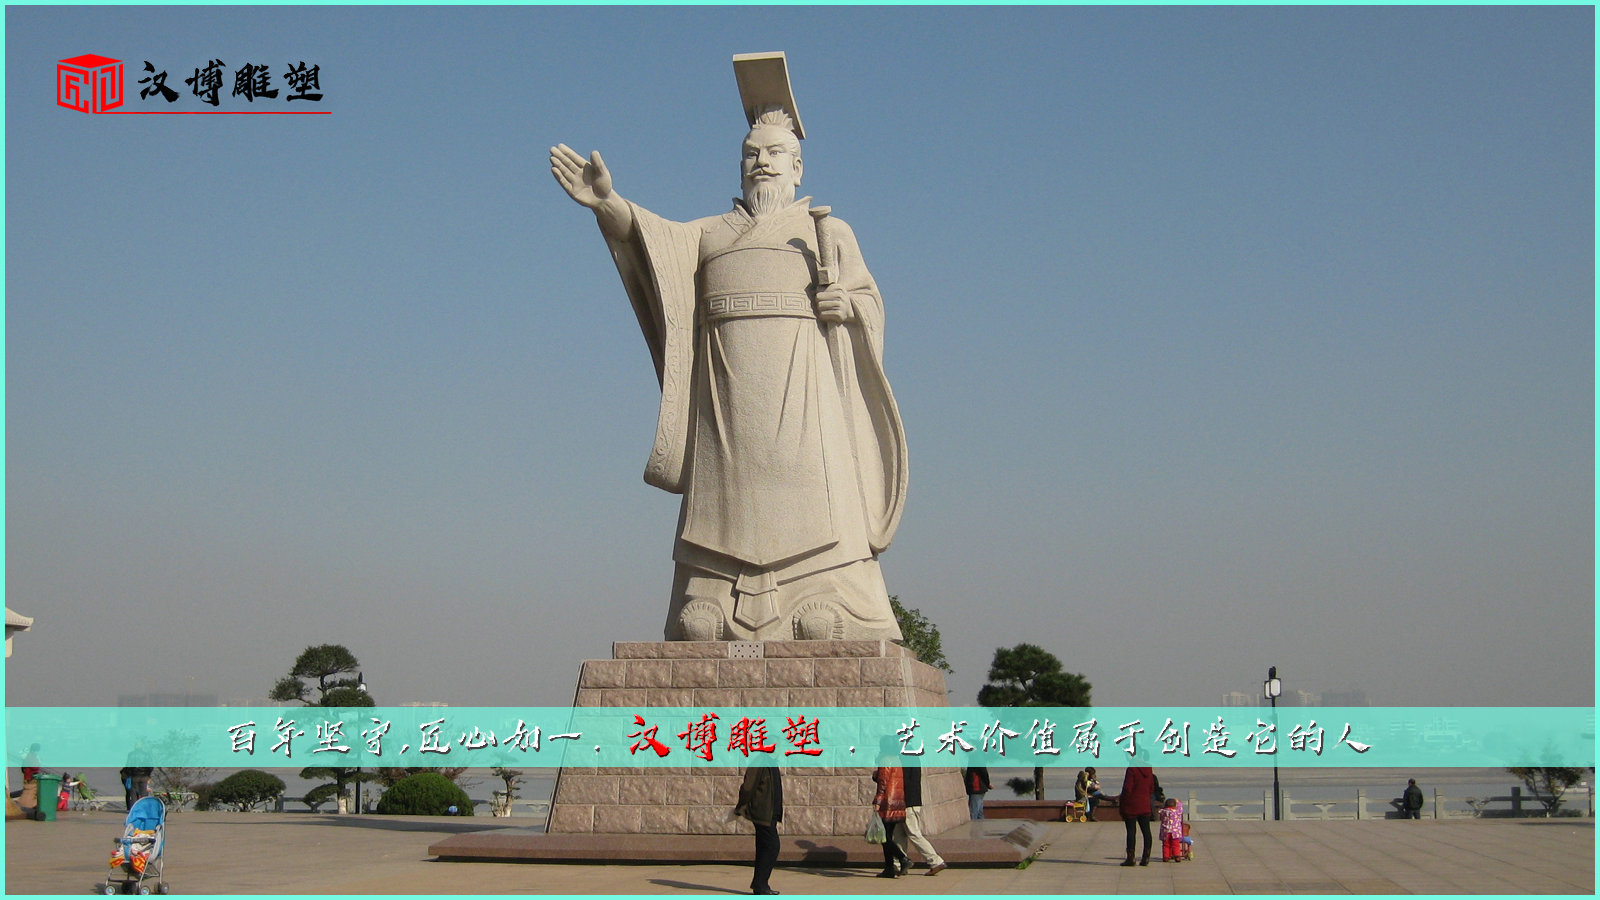 历史名人雕塑鉴赏;走进名人生活了解名人事迹